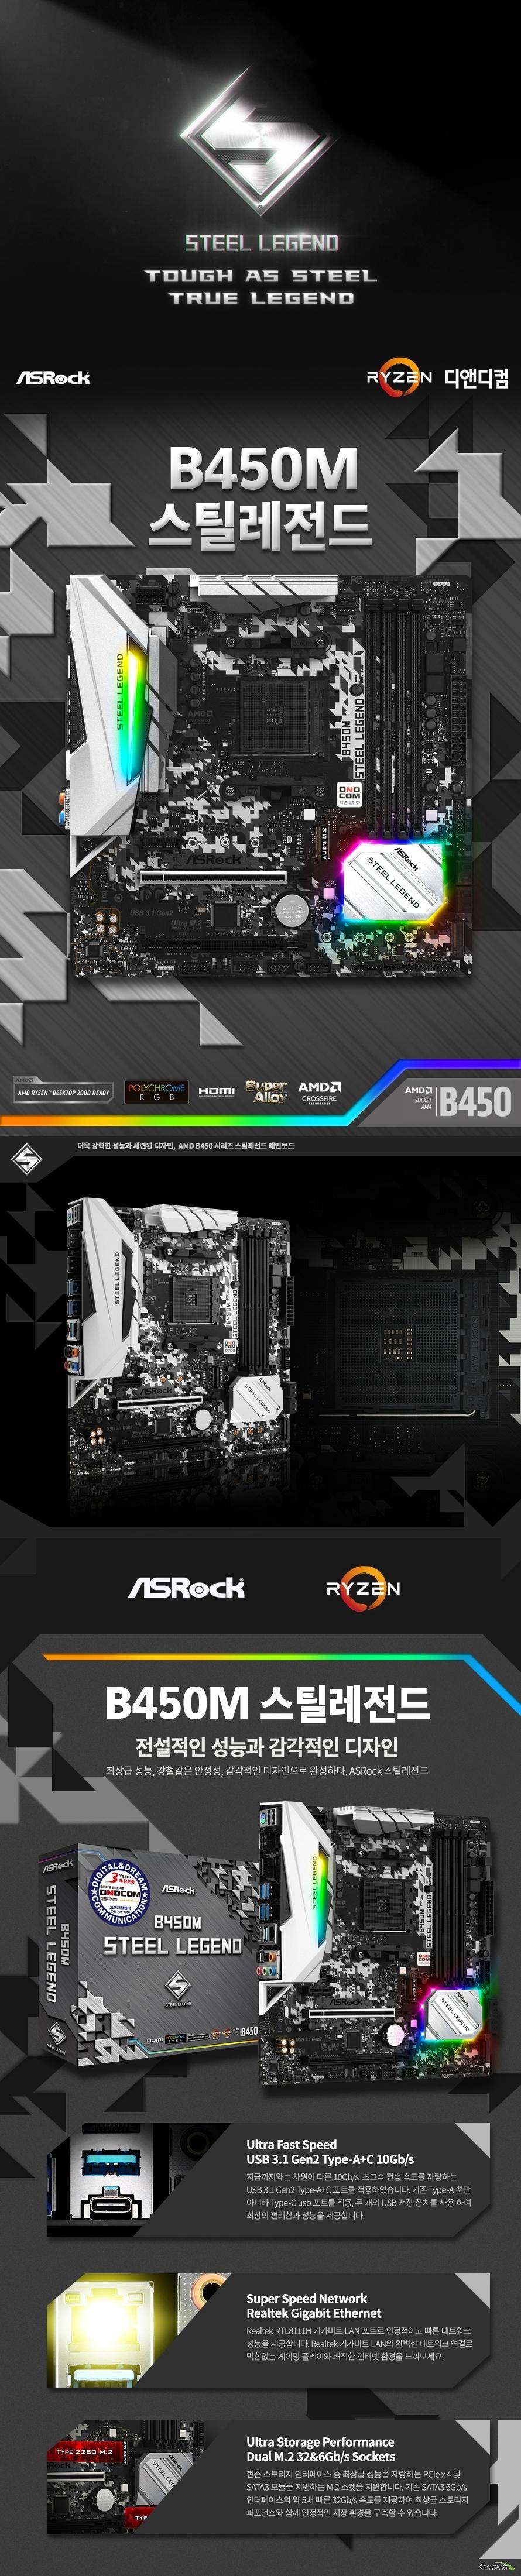 ASRock B450M 스틸레전드 디앤디컴  제품 상세 스펙  AMD am4 소켓 라이젠 서밋 릿지, 피나클릿지 및 레이븐 릿지 CPU 지원  6파워 페이즈 디자인 수냉 쿨링 피나클릿지 최대 105와트, 서밋릿지 최대 95와트 및 레이븐 릿지 최대 65와트 지원  Amd b450칩셋 적용  듀얼채널 ddr4 메모리 최대 64기가바이트 지원  Amd 라이젠 피나클릿지 cpu  Ddr4 3533+ 3200 2933 2667 2400 2133 ecc 및 non ecc un buffered memory 지원  Amd 라이젠 서밋릿지 cpu  Ddr4 3466+ 3200 2933 2667 2400 2133 ecc 및 non ecc un buffered memory 지원  Amd 라이젠 레이븐릿지 cpu  Ddr4 3200+ 2933 2667 2400 2133 ecc 및 non ecc un buffered memory 지원 레이븐 릿지 pro 시리즈 cpu에서만 ecc메모리를 지원합니다.  32비트 운영체제환경에서는 실제 메모리 사이즈가 4기가바이트 이하로 인식될 수 있습니다.  확장 슬롯  Amd 라이젠 서밋릿지 및 피나클릿지 cpu Pcie 3.0 16배속 슬롯 1개 지원  Pcie2 슬롯에서 싱글 사용시 16배속 동작 Pcie 2.0 16배속 슬롯 1개 지원  Pcie3 슬롯에서 싱글 사용시 4배속 동작  Amd 라이젠 레이븐 릿지 cpu Pcie 3.0 16배속 슬롯 1개 지원 Pcie2 슬롯에서 싱글 사용시 8배속 동작 Pcie 2.0 16배속 슬롯 1개 지원  Pcie3 슬롯에서 싱글 사용시 4배속 동작  Pcie 2.0 1배속 슬롯 1개 지원  Amd 쿼드 크로스파이어 및 크로스 파이어 지원  Sata3 소켓 4개 지원 (raid 0 1 10 및 ncq AHCI및 HOT PLUG) 울트라 M.2 소켓 1개 지원 2242 2260 2280 규격 및 PCIE GEN3 4배속 최대 32기가바이트 지원 NVME SSD as boot disk 및 애즈락 u.2 kit 지원  m.2 소켓 1개 지원 2230 2242 2260 2280 규격 및 SATA3 최대 6기가바이트 지원 M2_2 소켓과 sata3_3 포트는 대역폭을 공유하여 둘 중 하나를 사용하면 다른 하나는 비활성화 됩니다.  Usb 3,1 gen2 a+c 포트 지원 (후면 2개) Usb 3.1 gen1 포트 6개 지원 (후면 4개 전면 2개) Usb 2.0 포트 6개 지원 (후면 2개 전면 4개)  리얼텍 RTL8111H 기가비트 랜 지원  리얼텍 alc892 7.1채널 hd 오디오 코덱 지원  마이크로소프트 윈도우 10 64비트 운영체제 지원 마이크로 ATX 폼팩터 크기 길이 24.4센티미터 넓이 24.4센티미터 KC 인증번호 R R ASR B450MSTEELLEG  제조사의 사정에 따라 사전고지 없이 일부 제품사양이 변경될 수 있으며 부품 호환 등 더 자세한 정보는 제조사 홈페이지 또는 제품 매뉴얼을 참고해주시기 바랍니다.